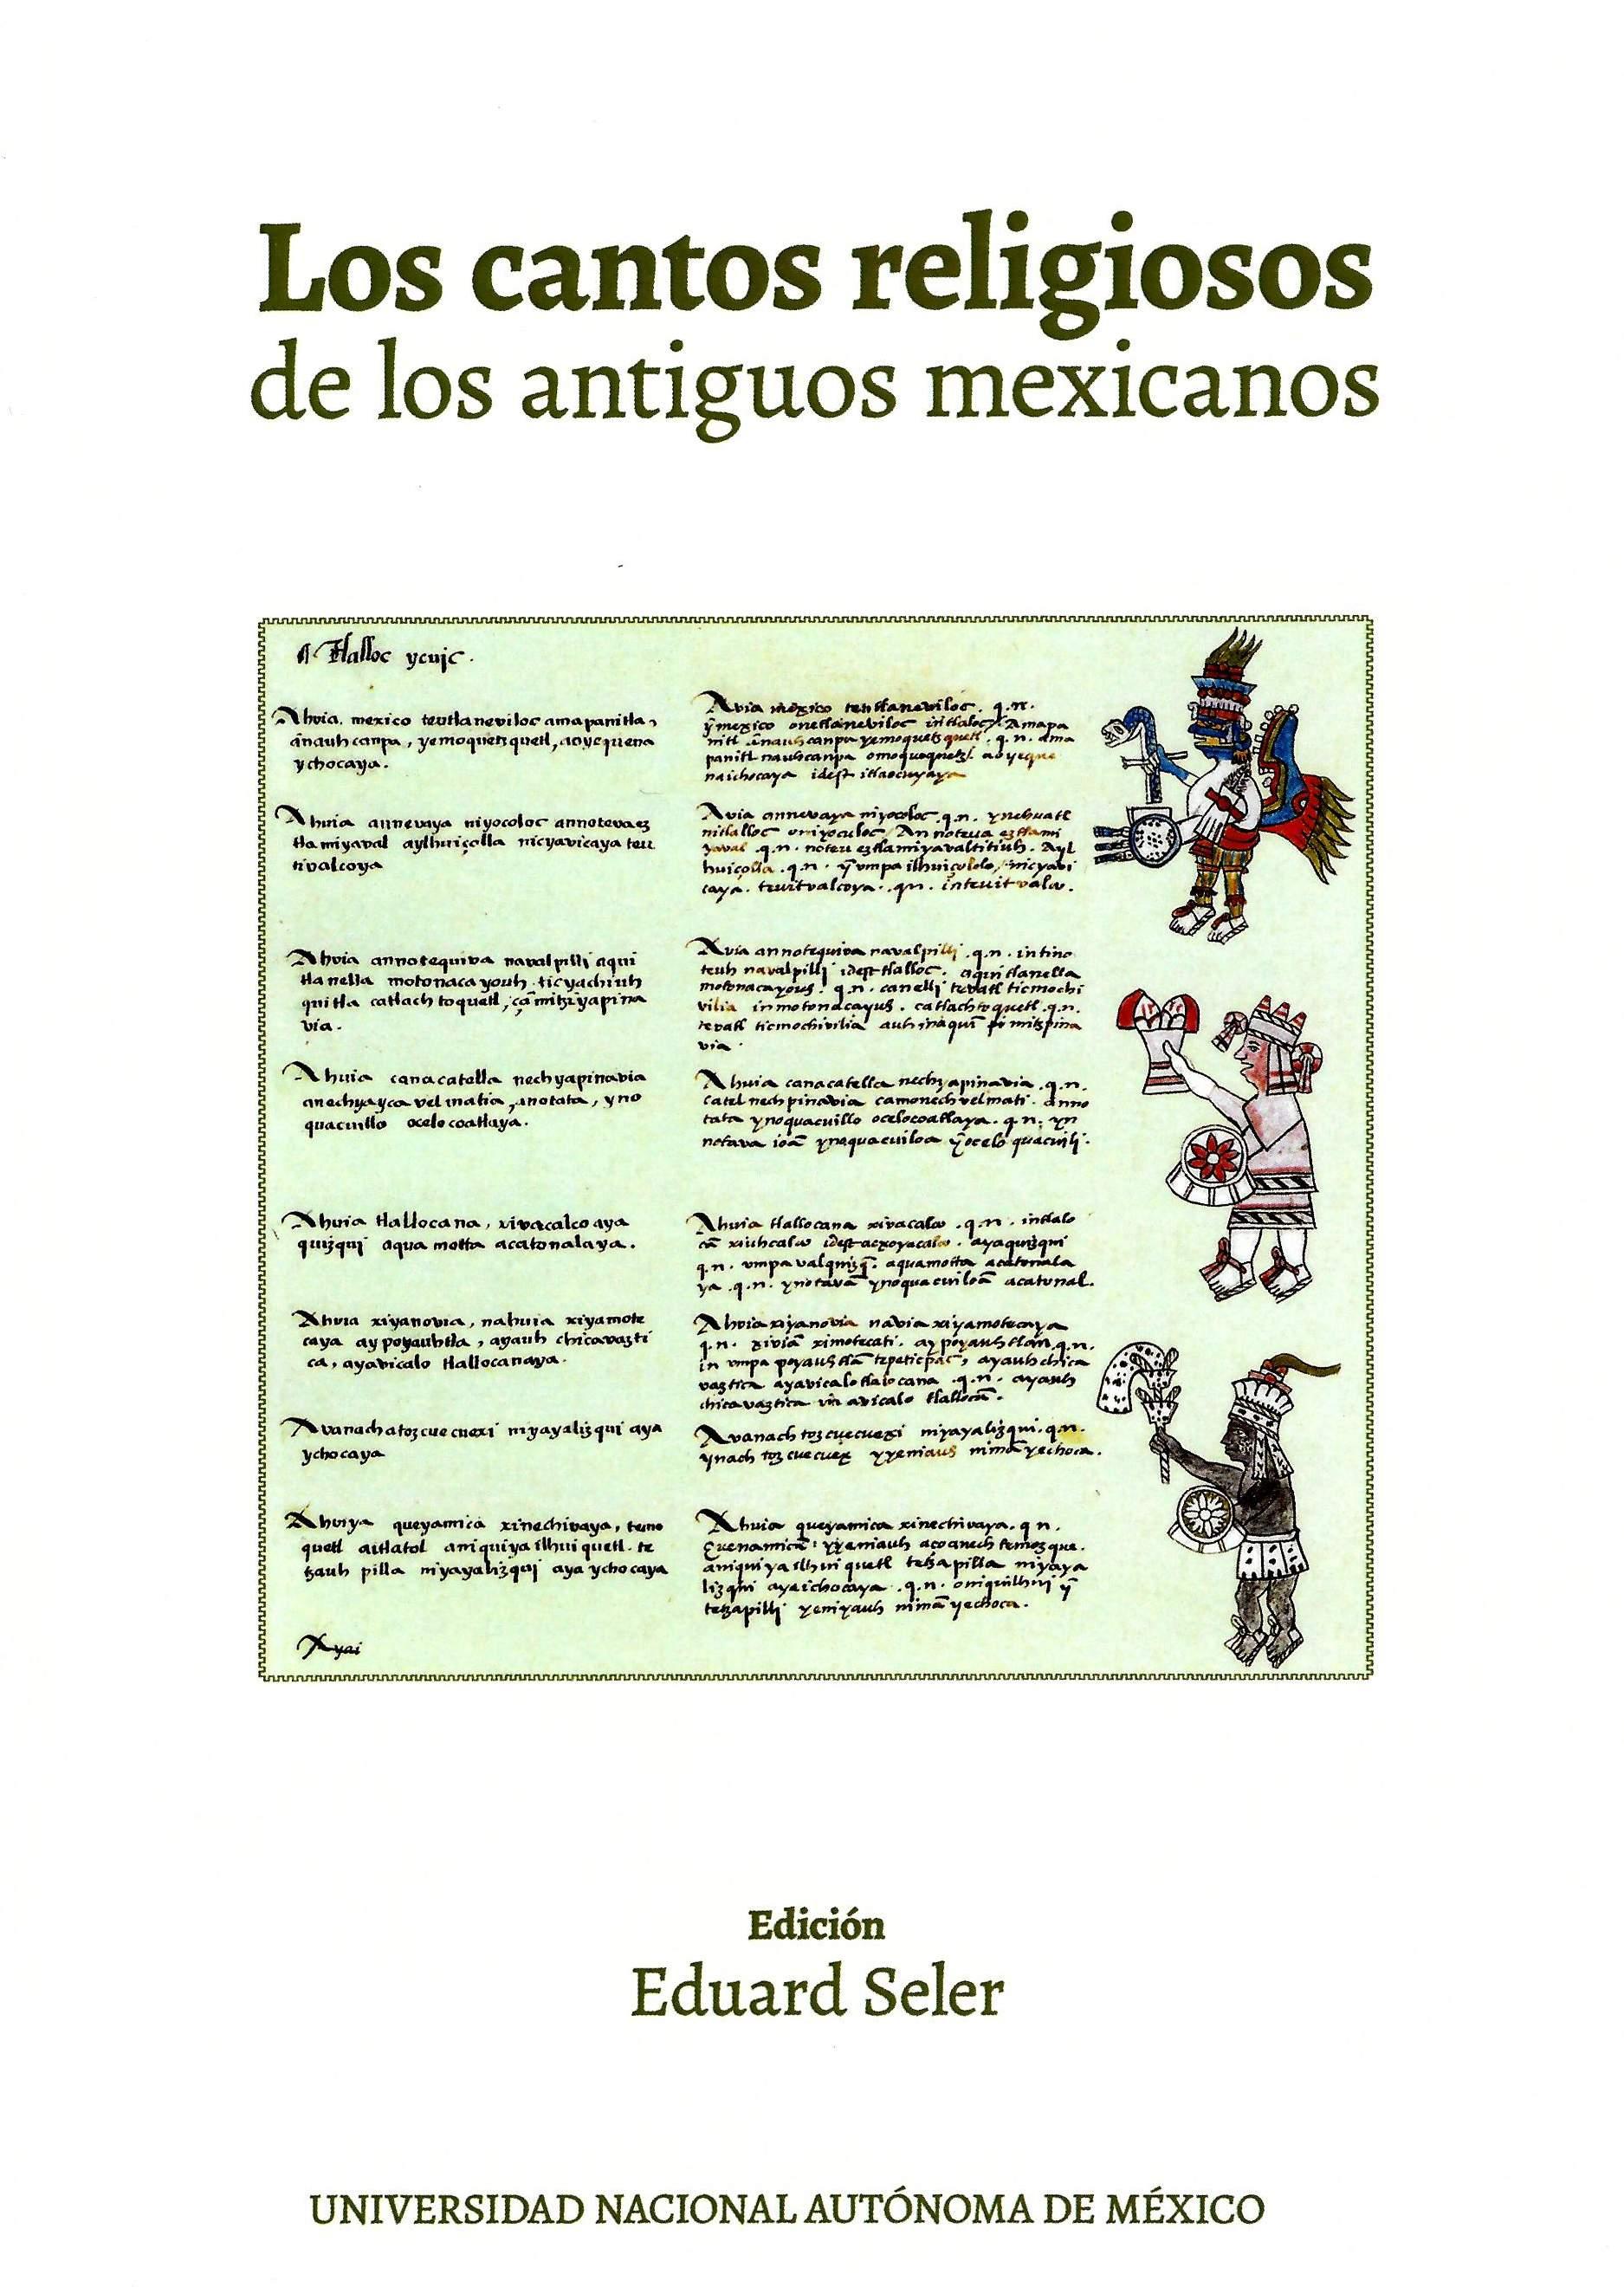 Los cantos religiosos de los antiguos mexicanos